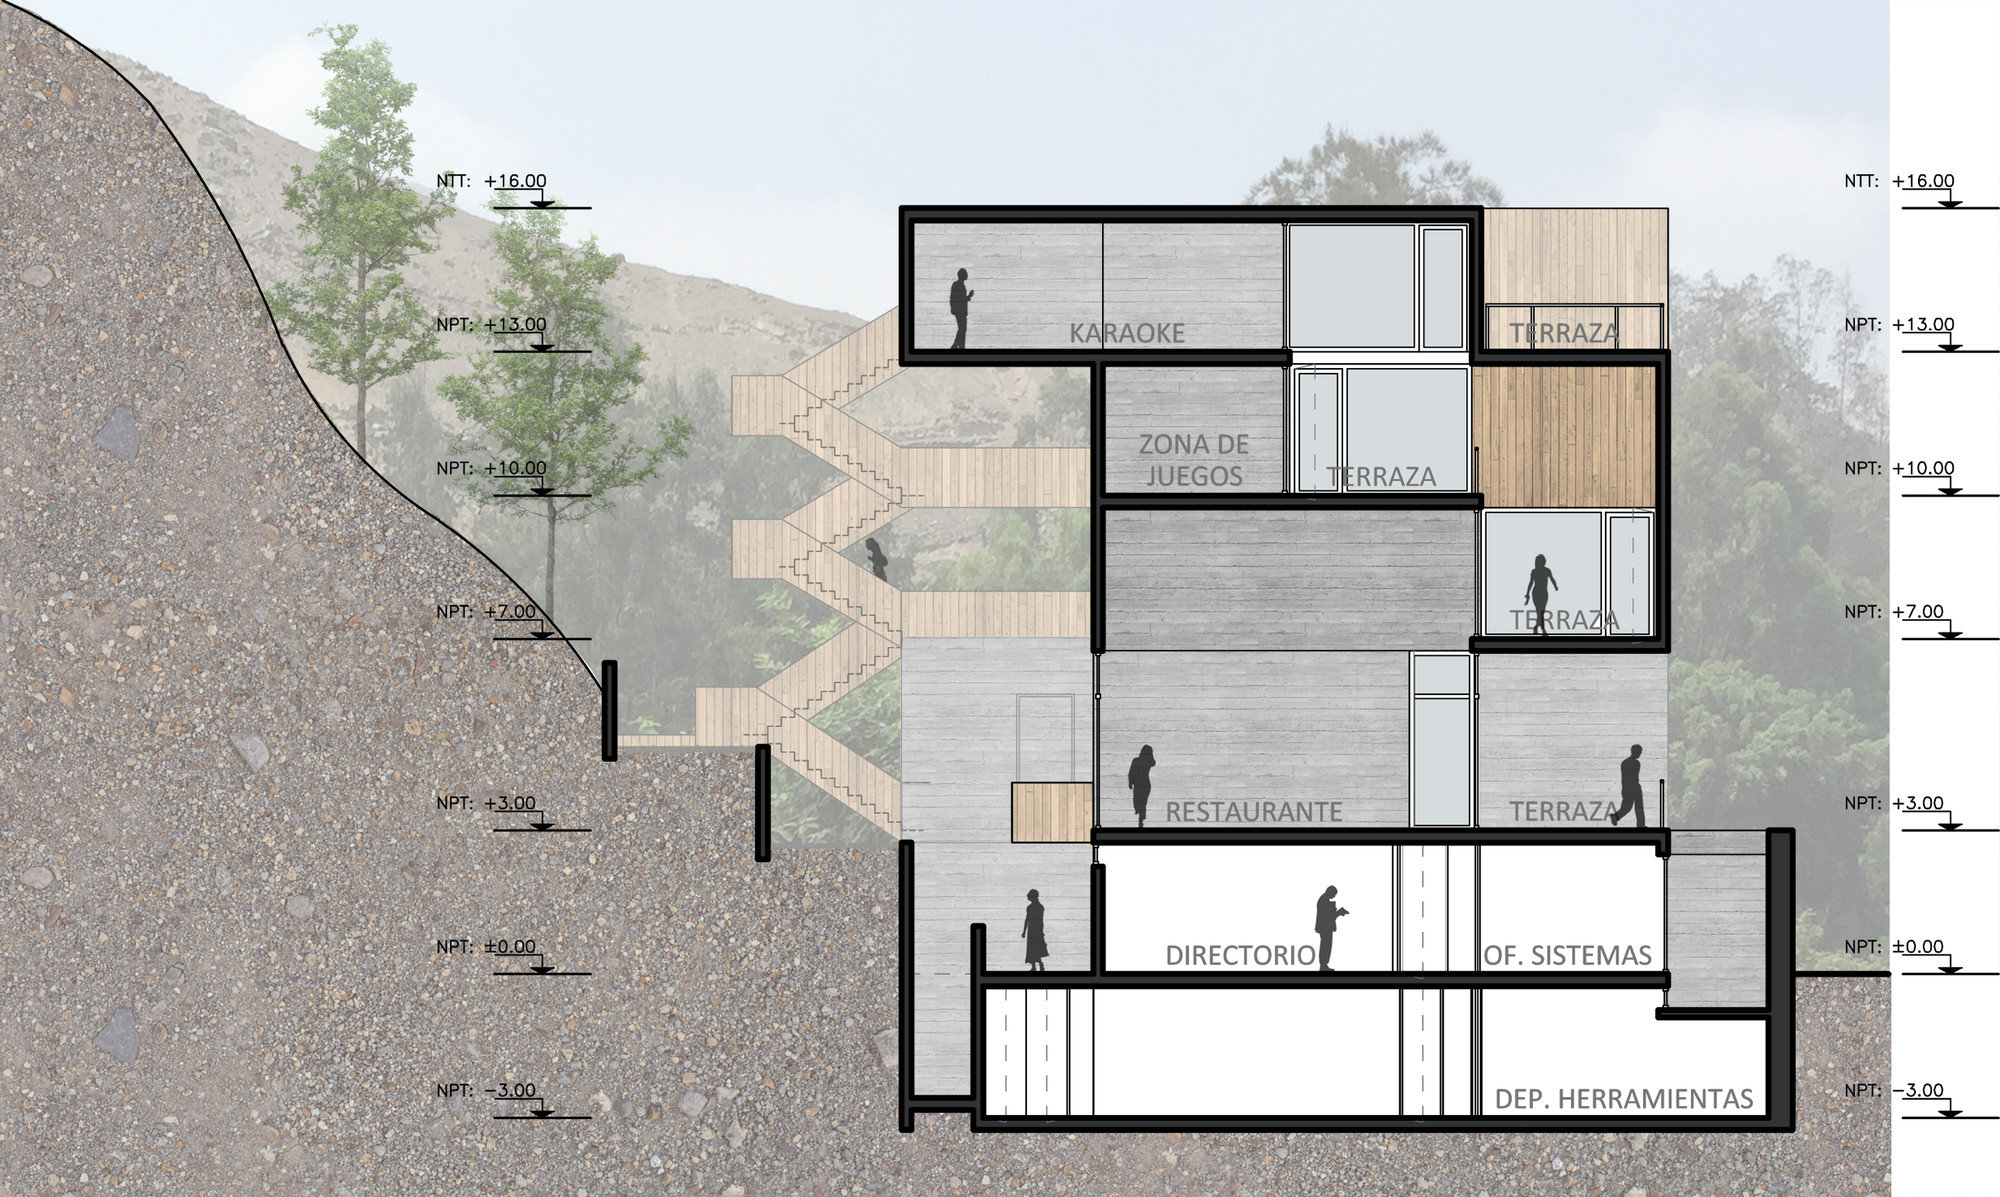 Galer a de seinfeld arquitectos tandem arquitectura for Que es arquitectura wikipedia